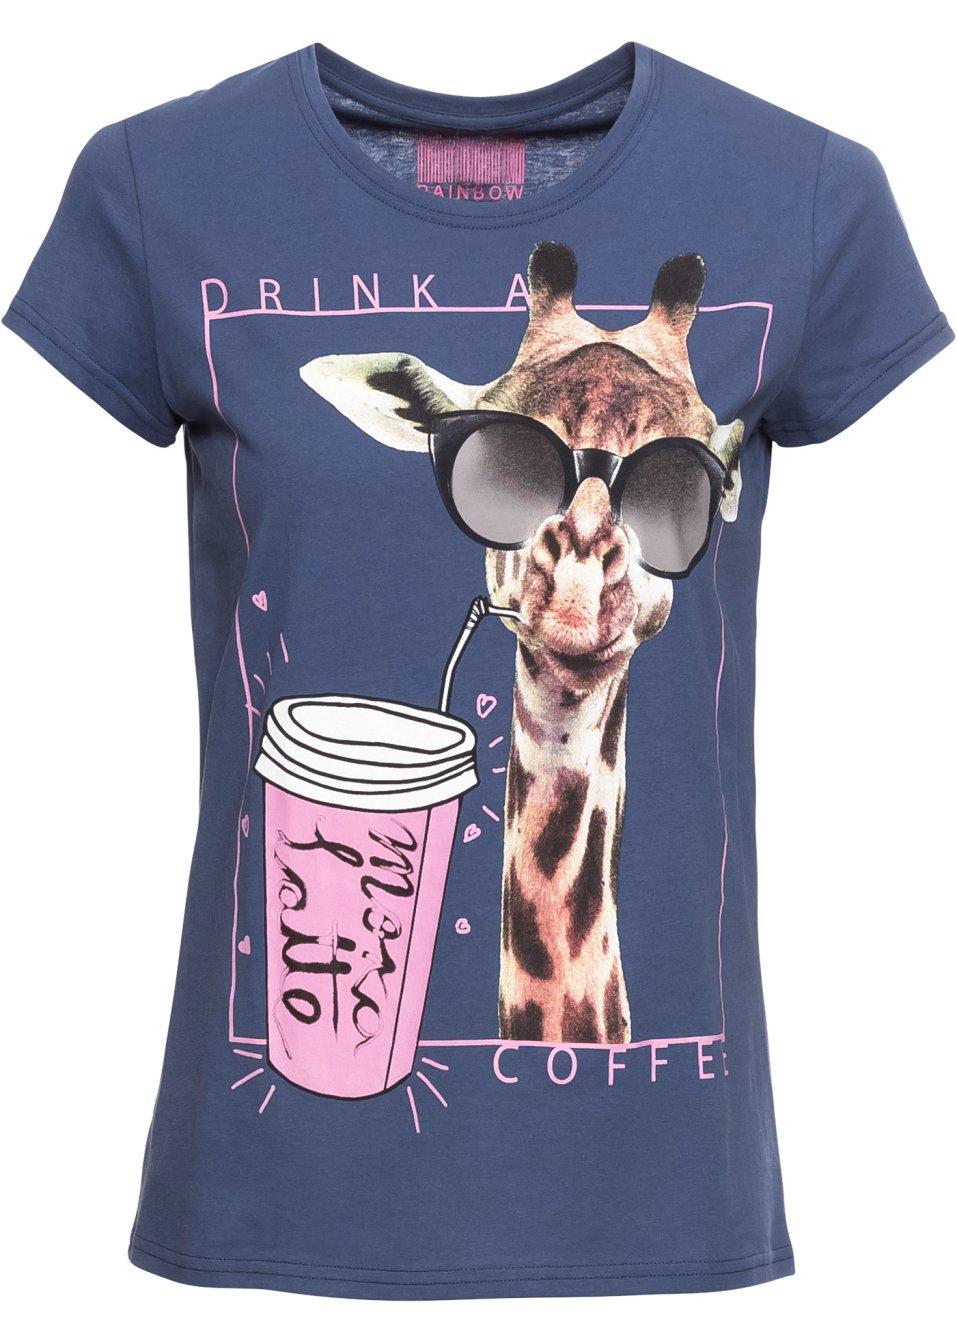 Angesagtes T-Shirt mit auffallendem Frontdruck - indigo bedruckt 0JigB PprHJ